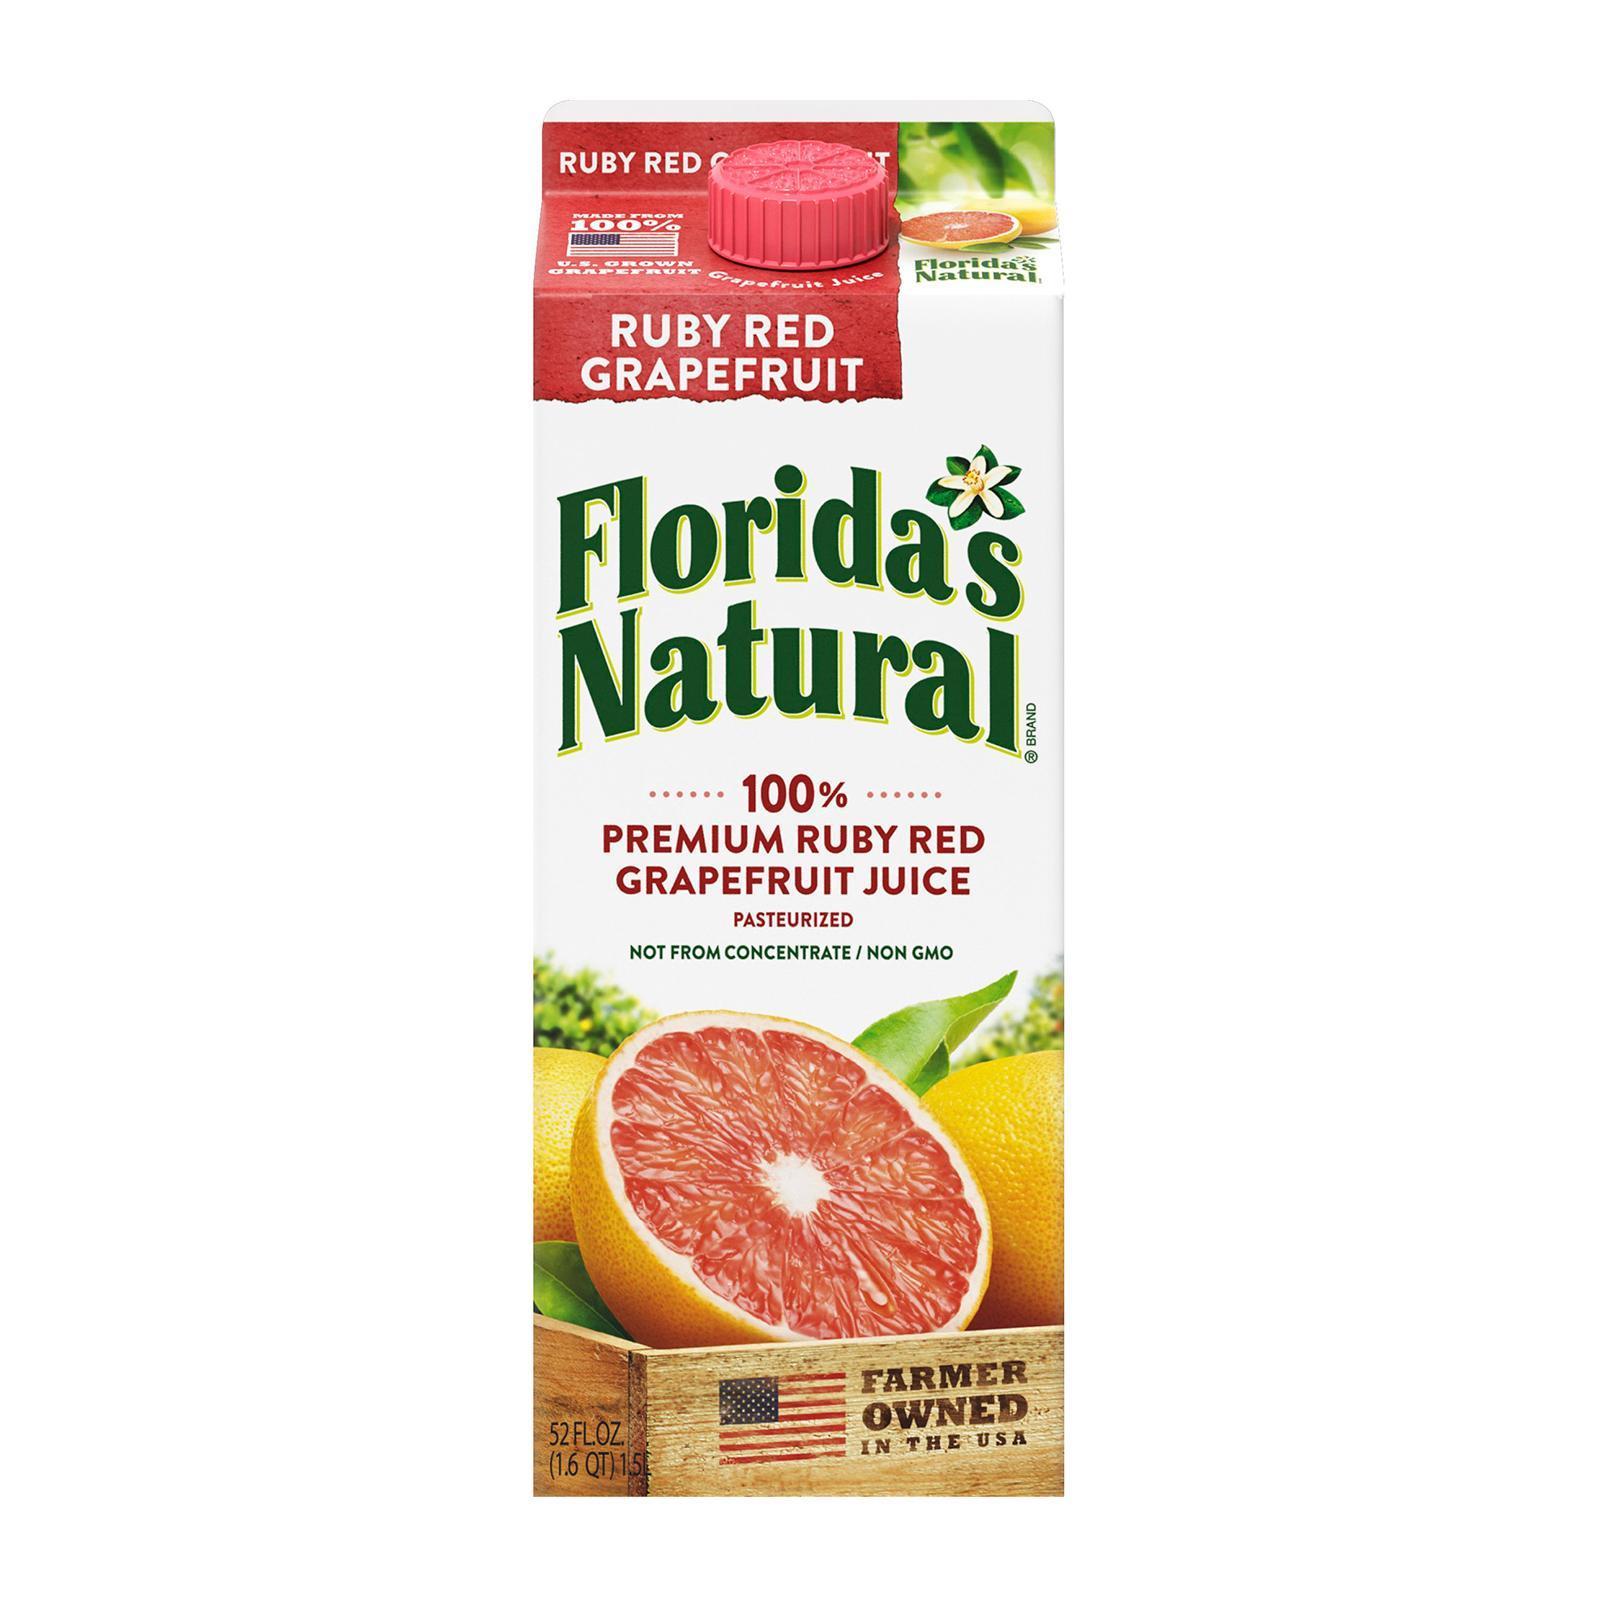 Florida's Natural NFC RubyRed Grapefruit Juice